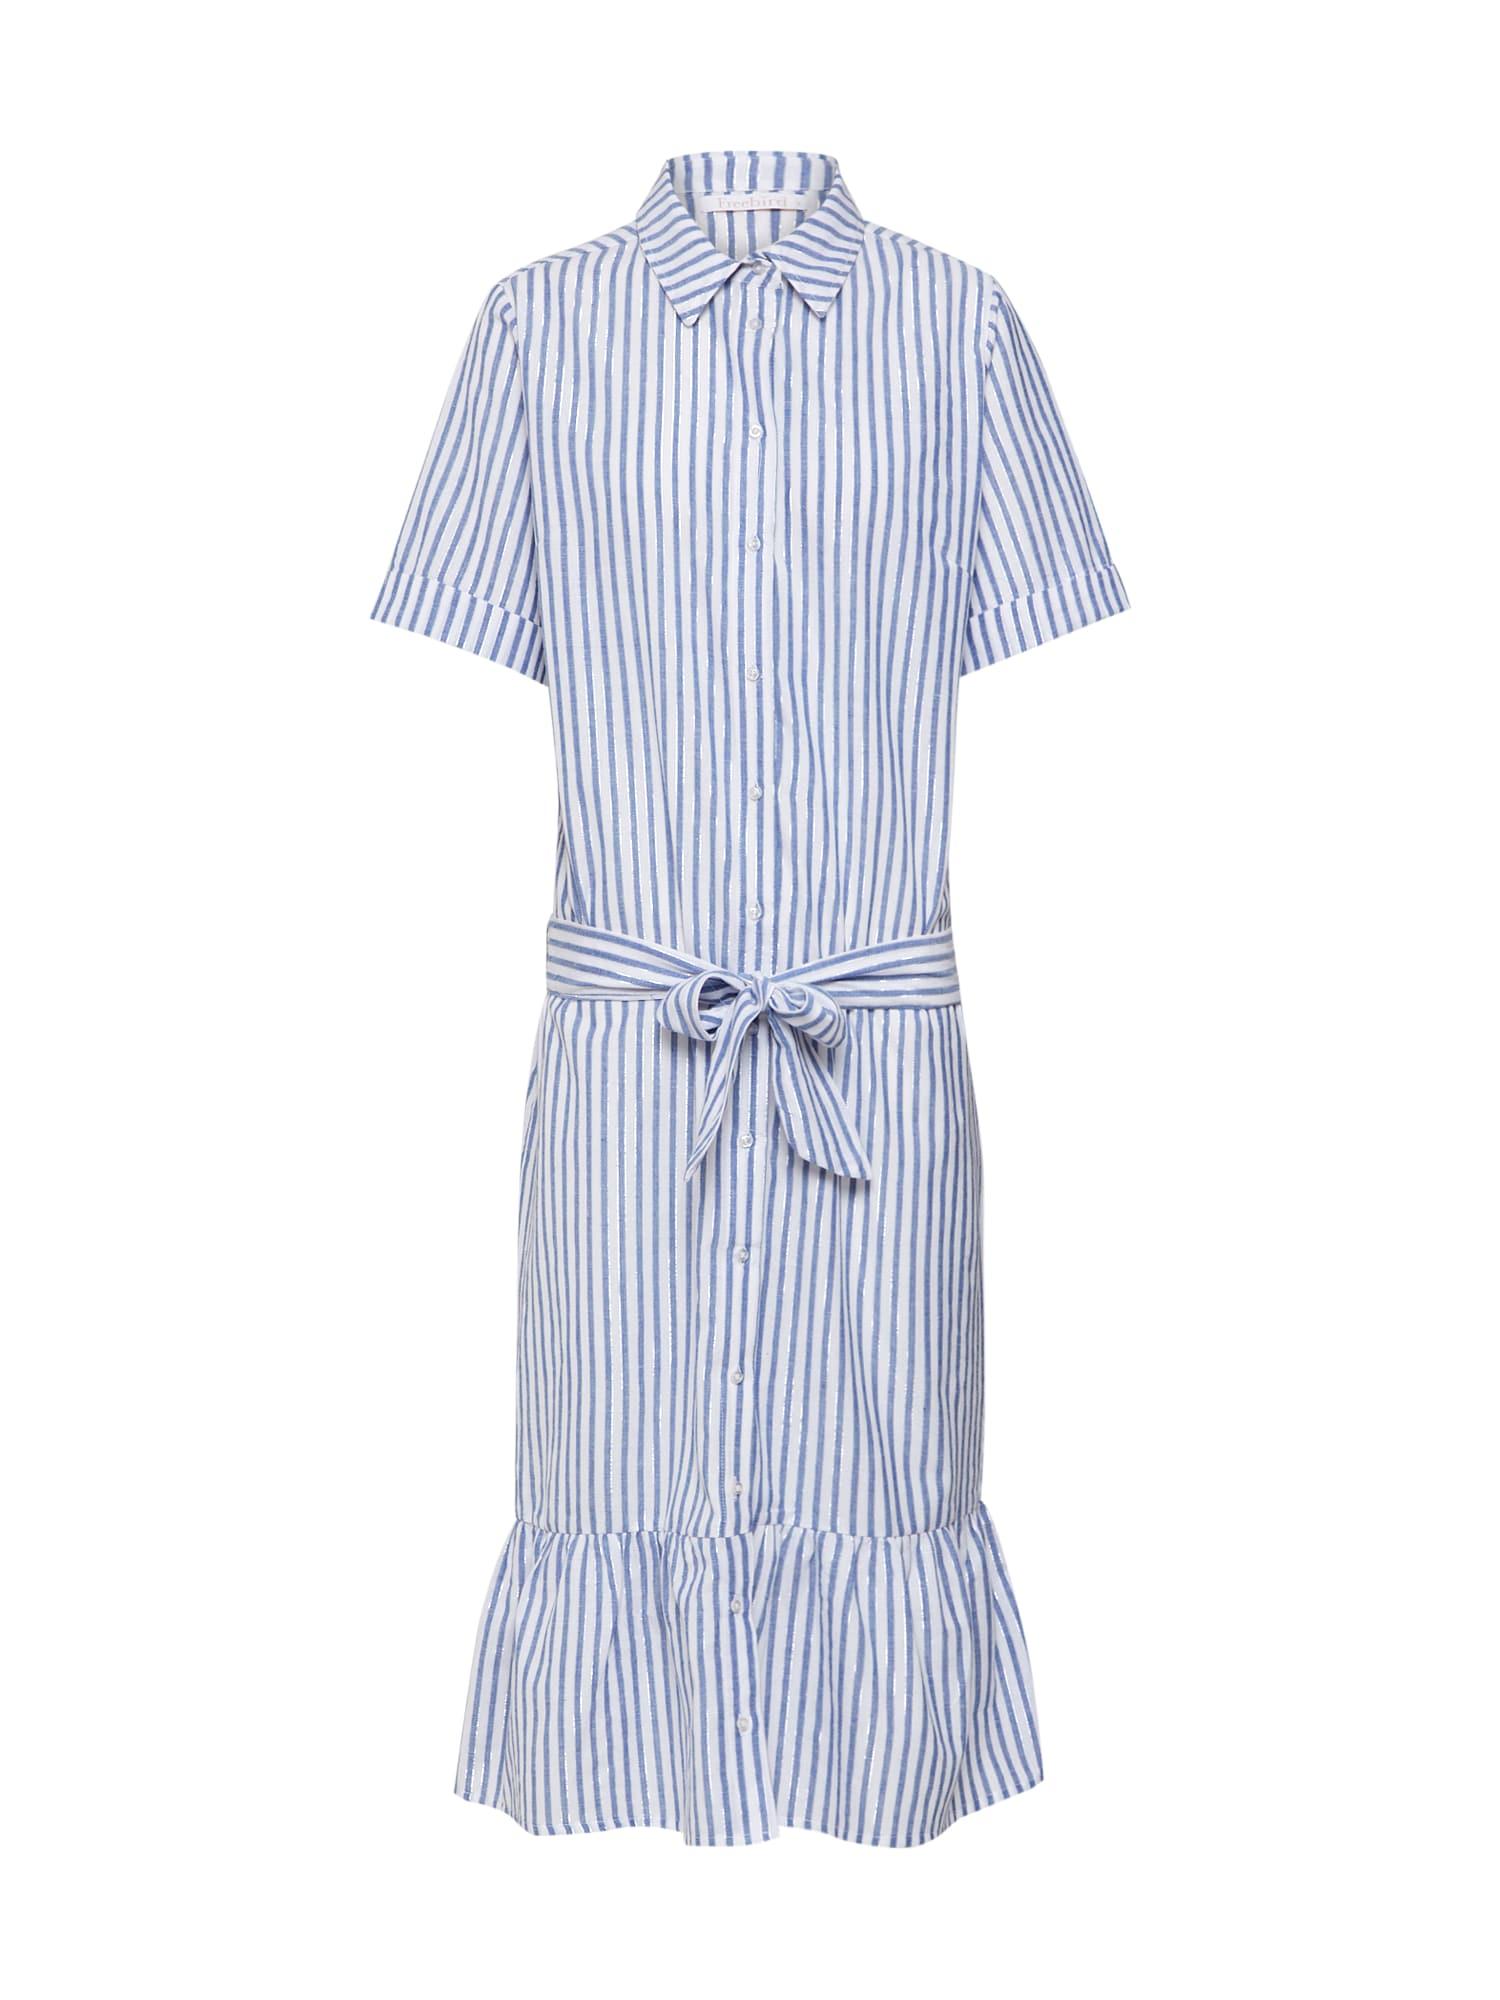 Košilové šaty Dress světlemodrá bílá Freebird